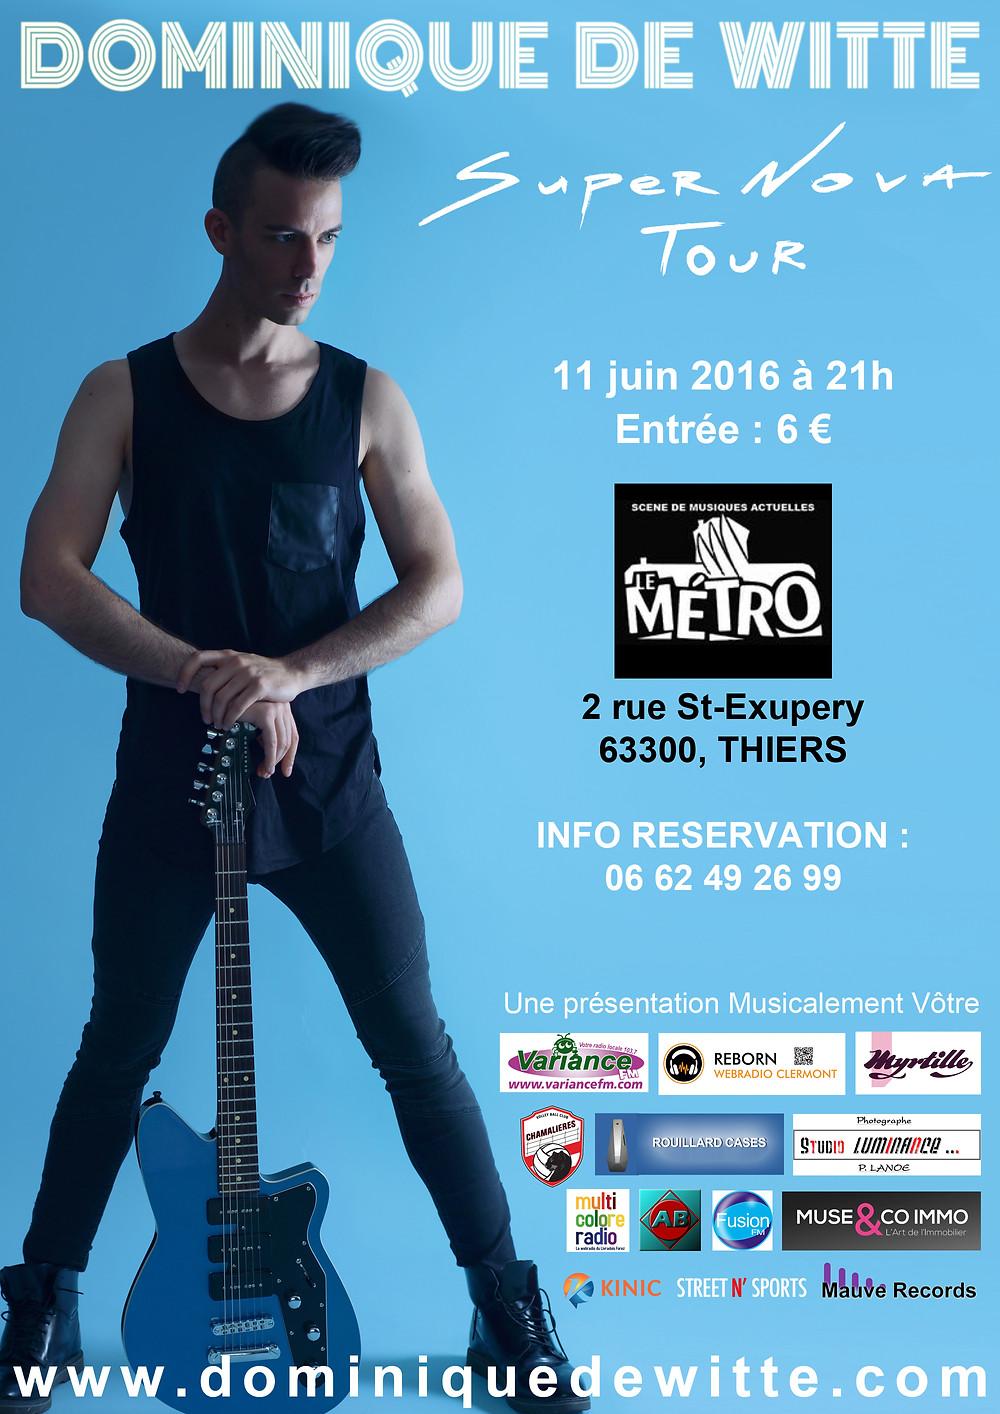 Dominique de Witte - SUPERNOVA TOUR - LE METRO à THIERS 11 juin 2016